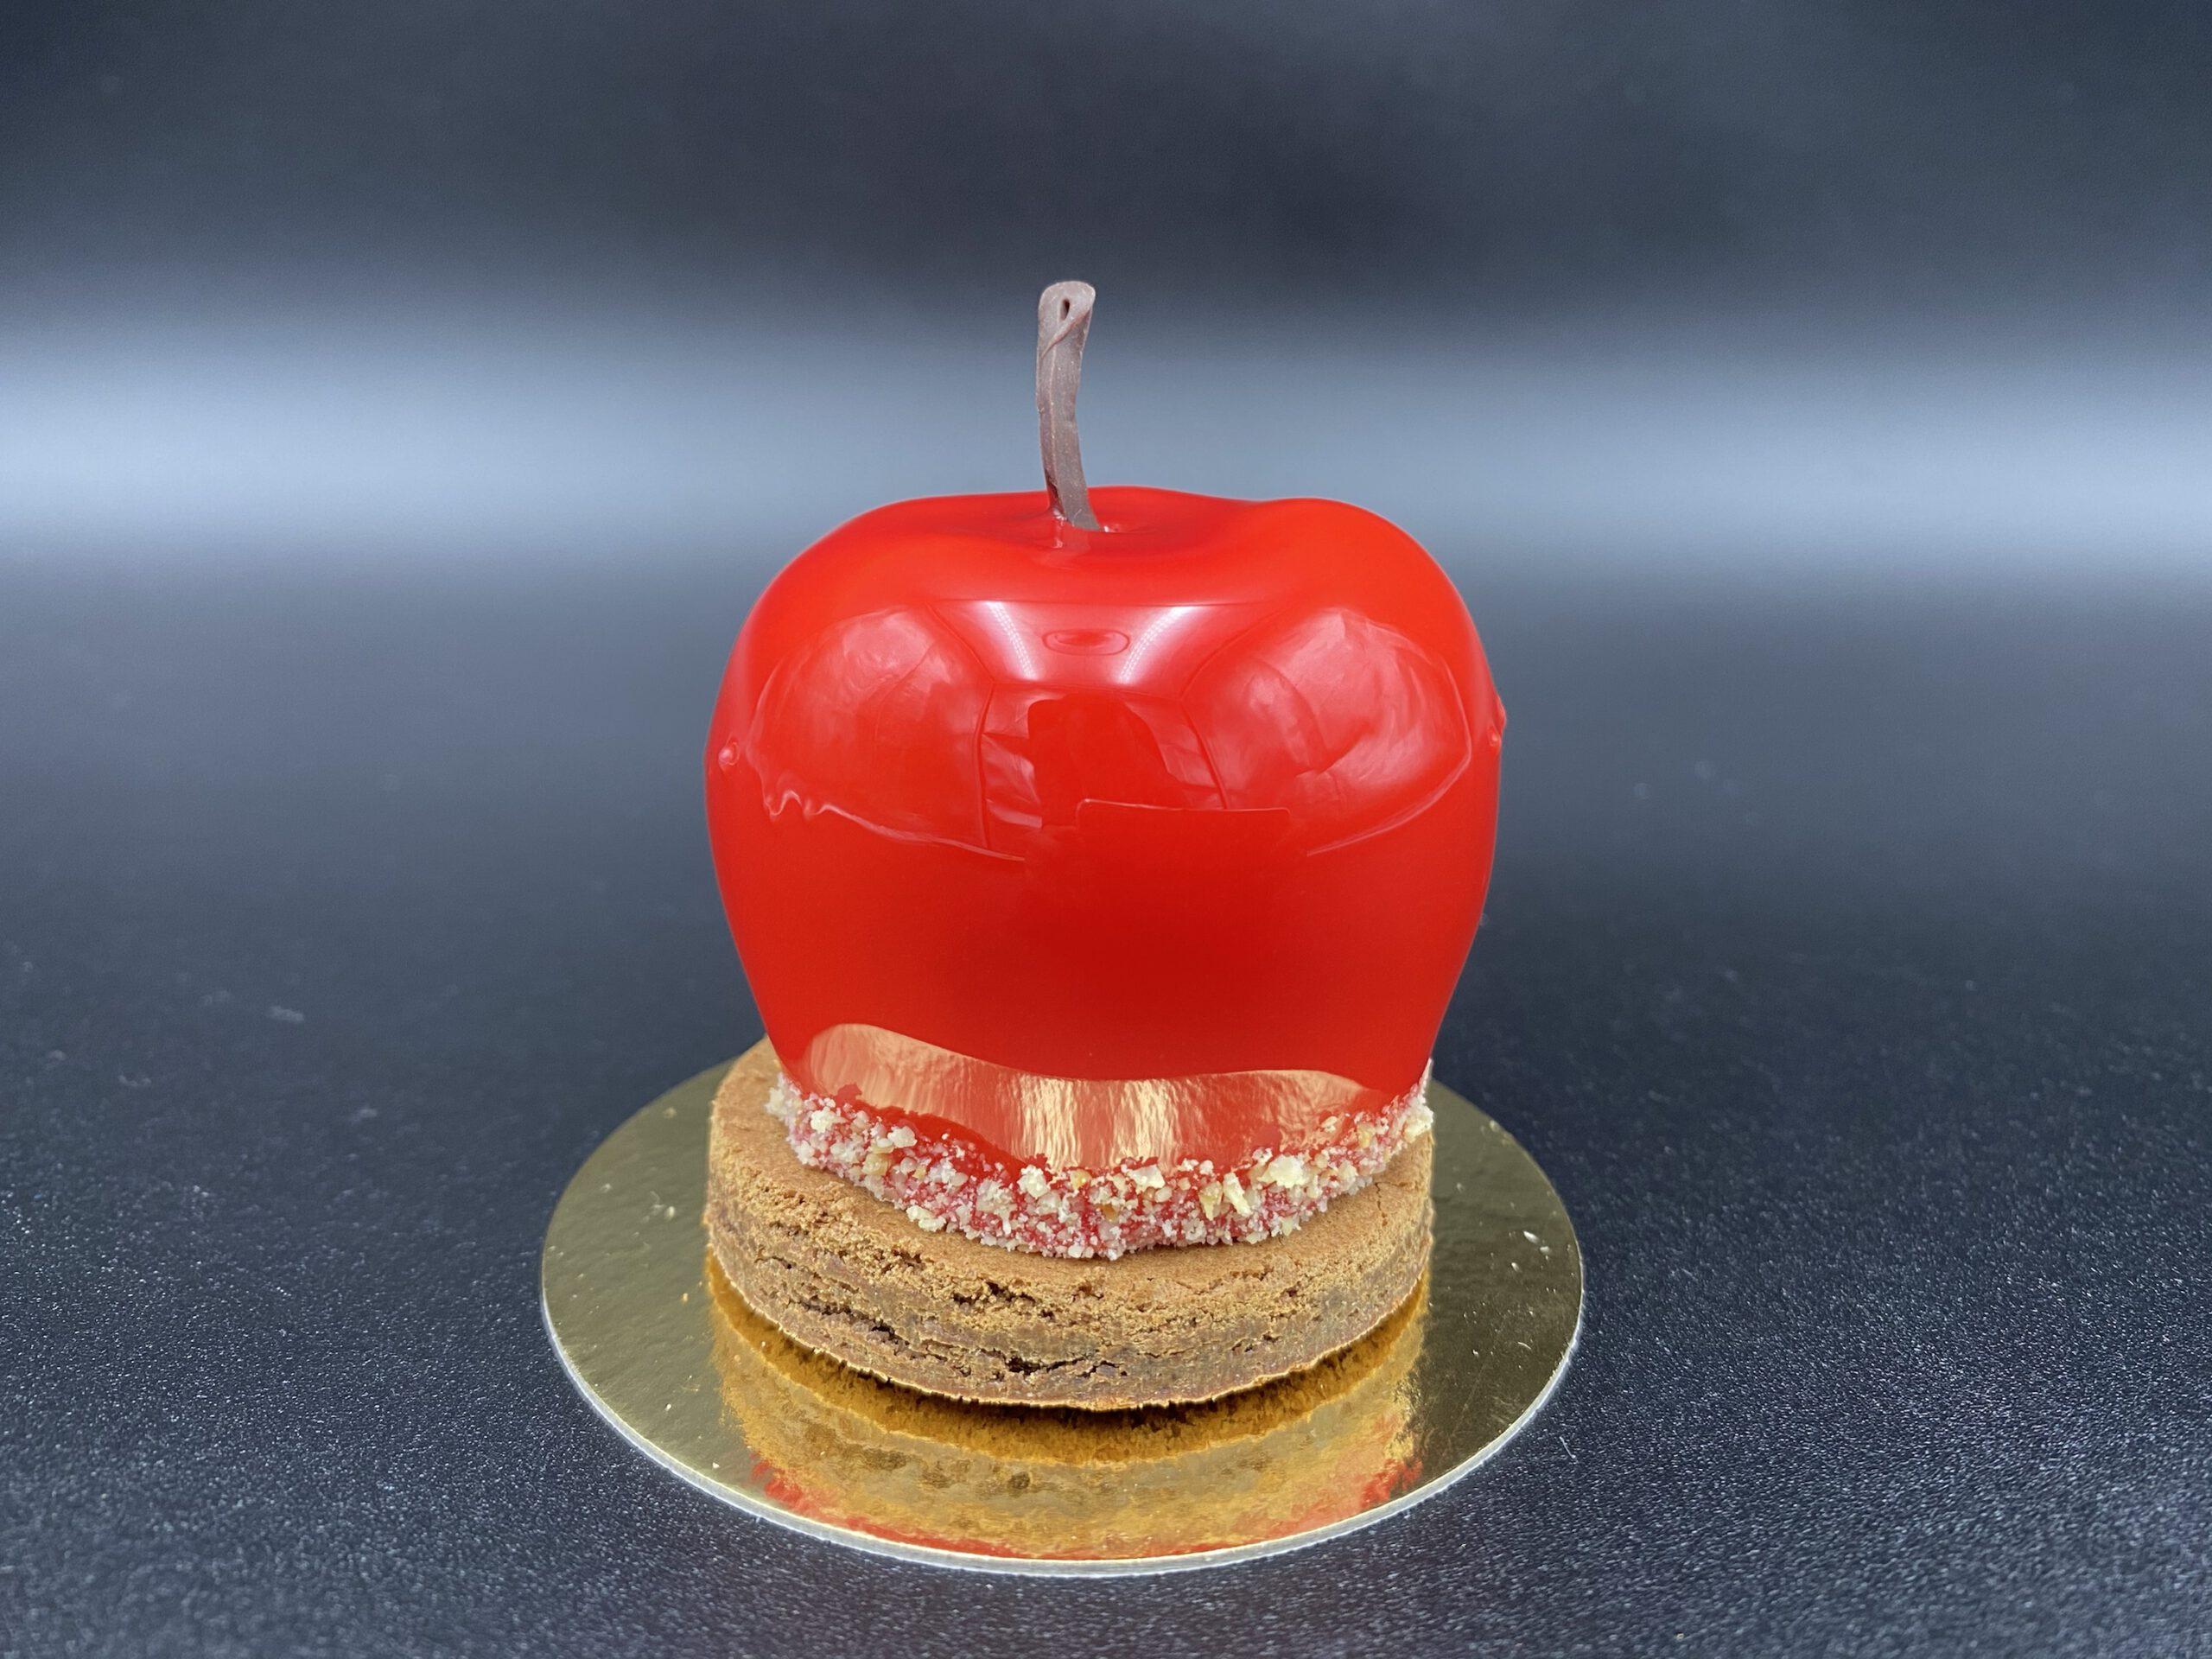 Der verbotene Apfel